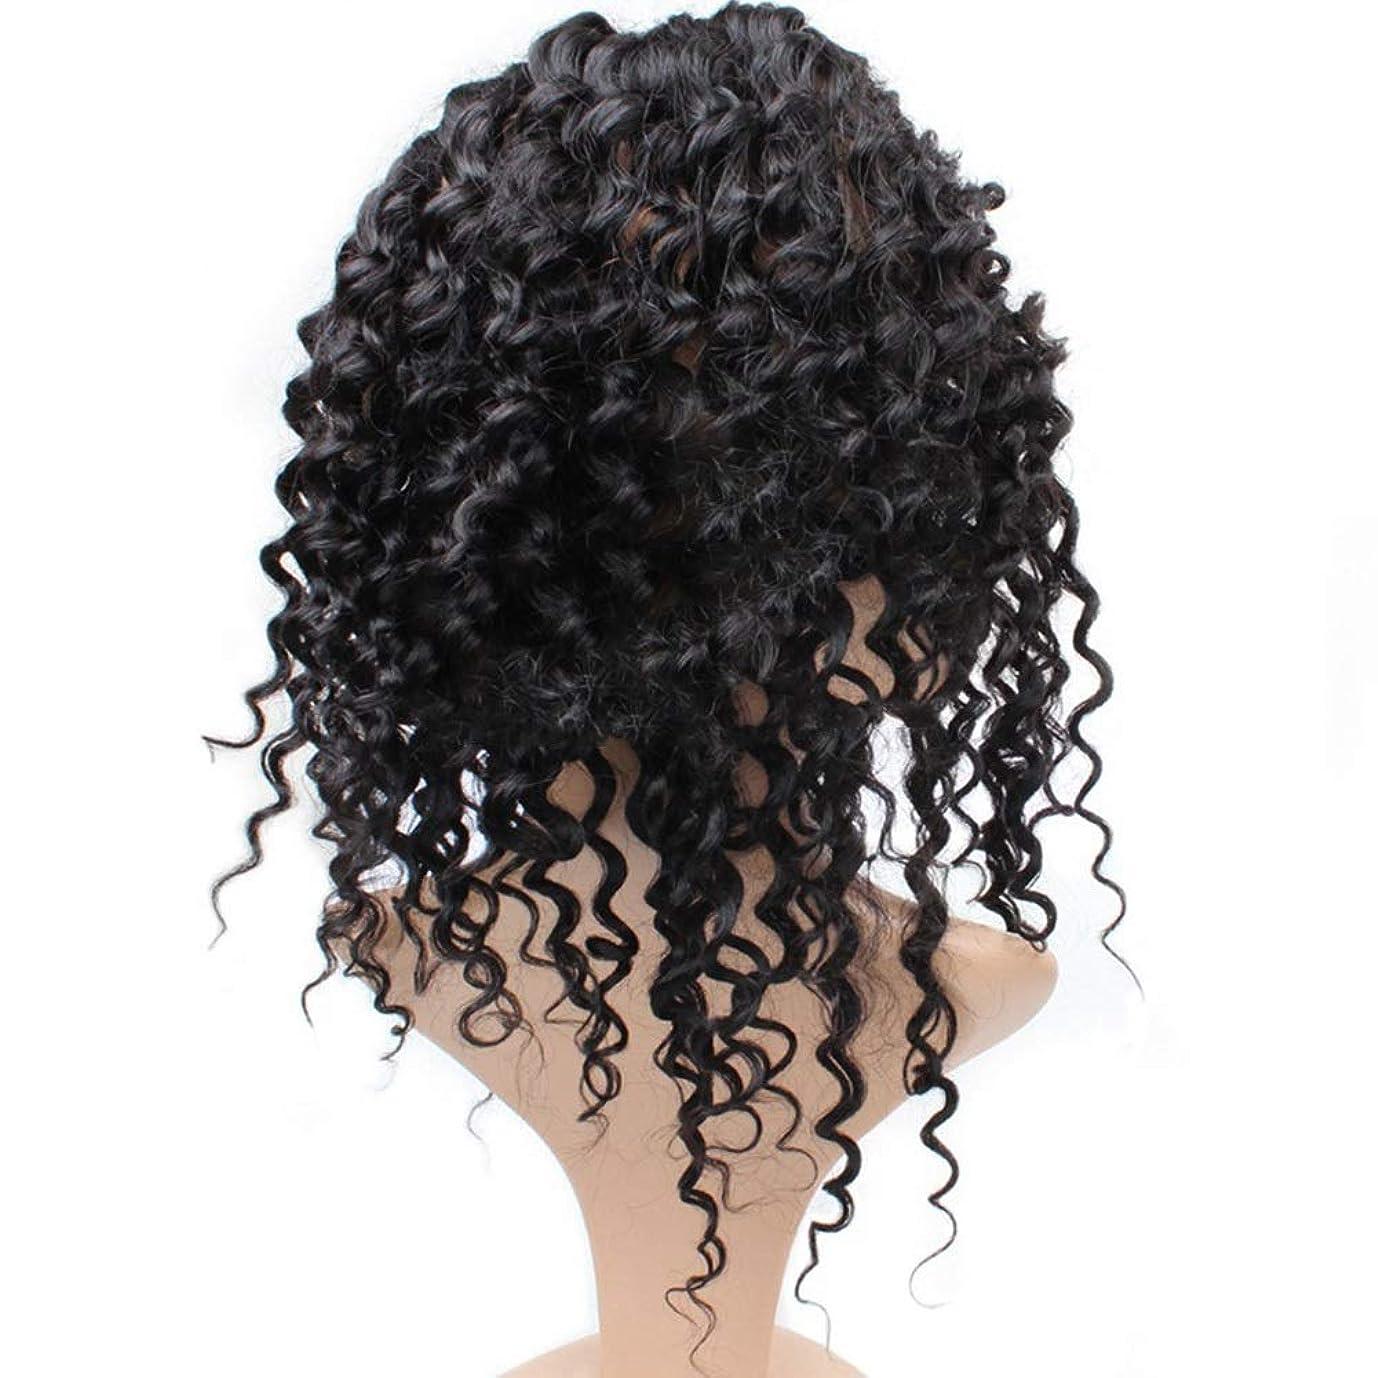 注意コメント順応性BOBIDYEE 7Aディープウェーブ360レース前頭かつら事前に摘み取らヘアラインナチュラルカラー人毛ウィッグ黒人女性用(8 ' - 22' '、225%密度)パーティーウィッグ (色 : 黒, サイズ : 12 inch)